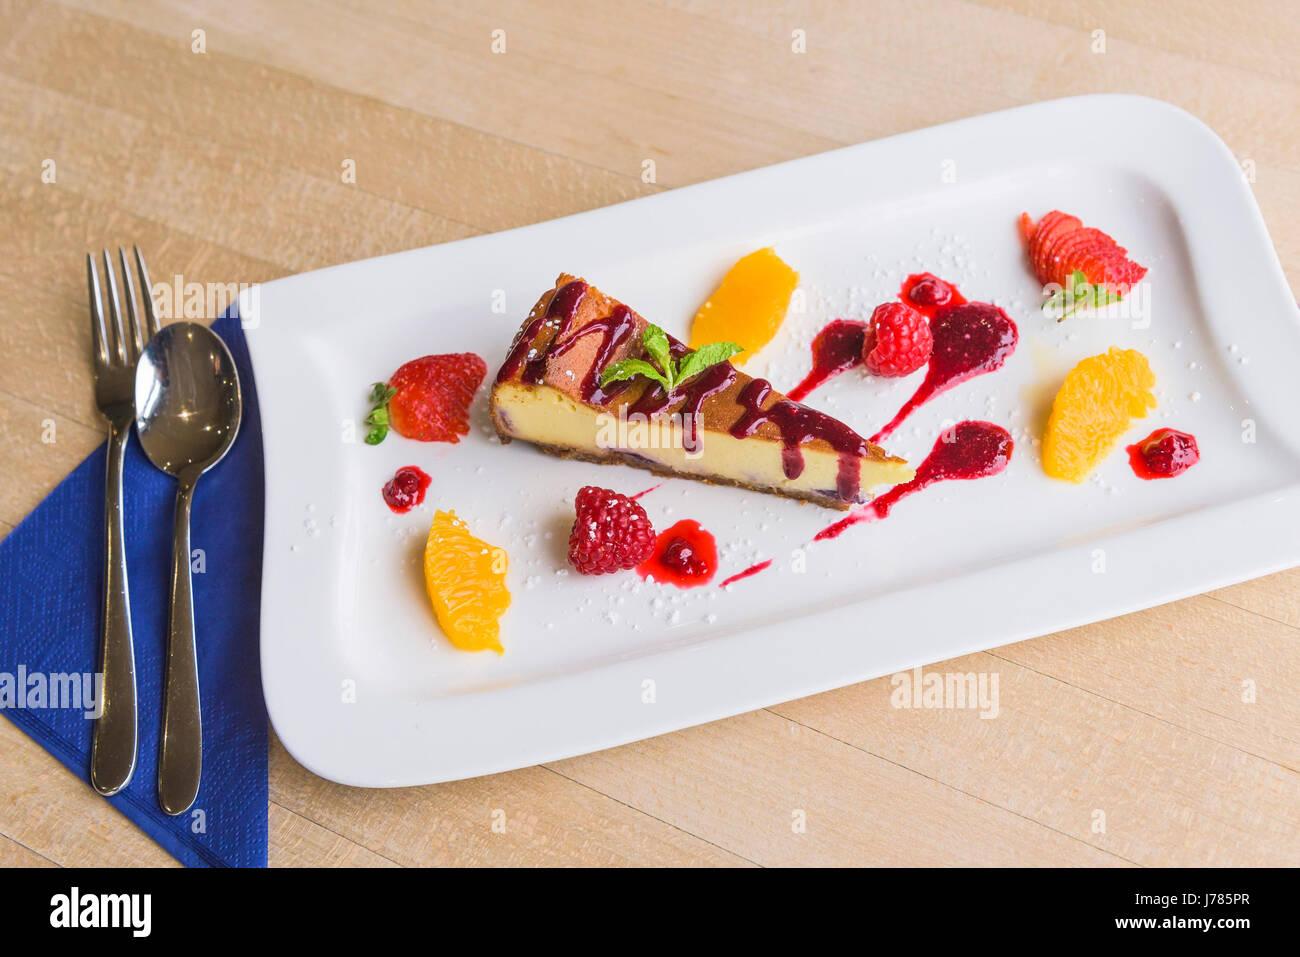 Eine Nahaufnahme von einem bunten Dessert in einem Restaurant serviert; Essen; Süße; Pudding; Käsekuchen; Stockbild